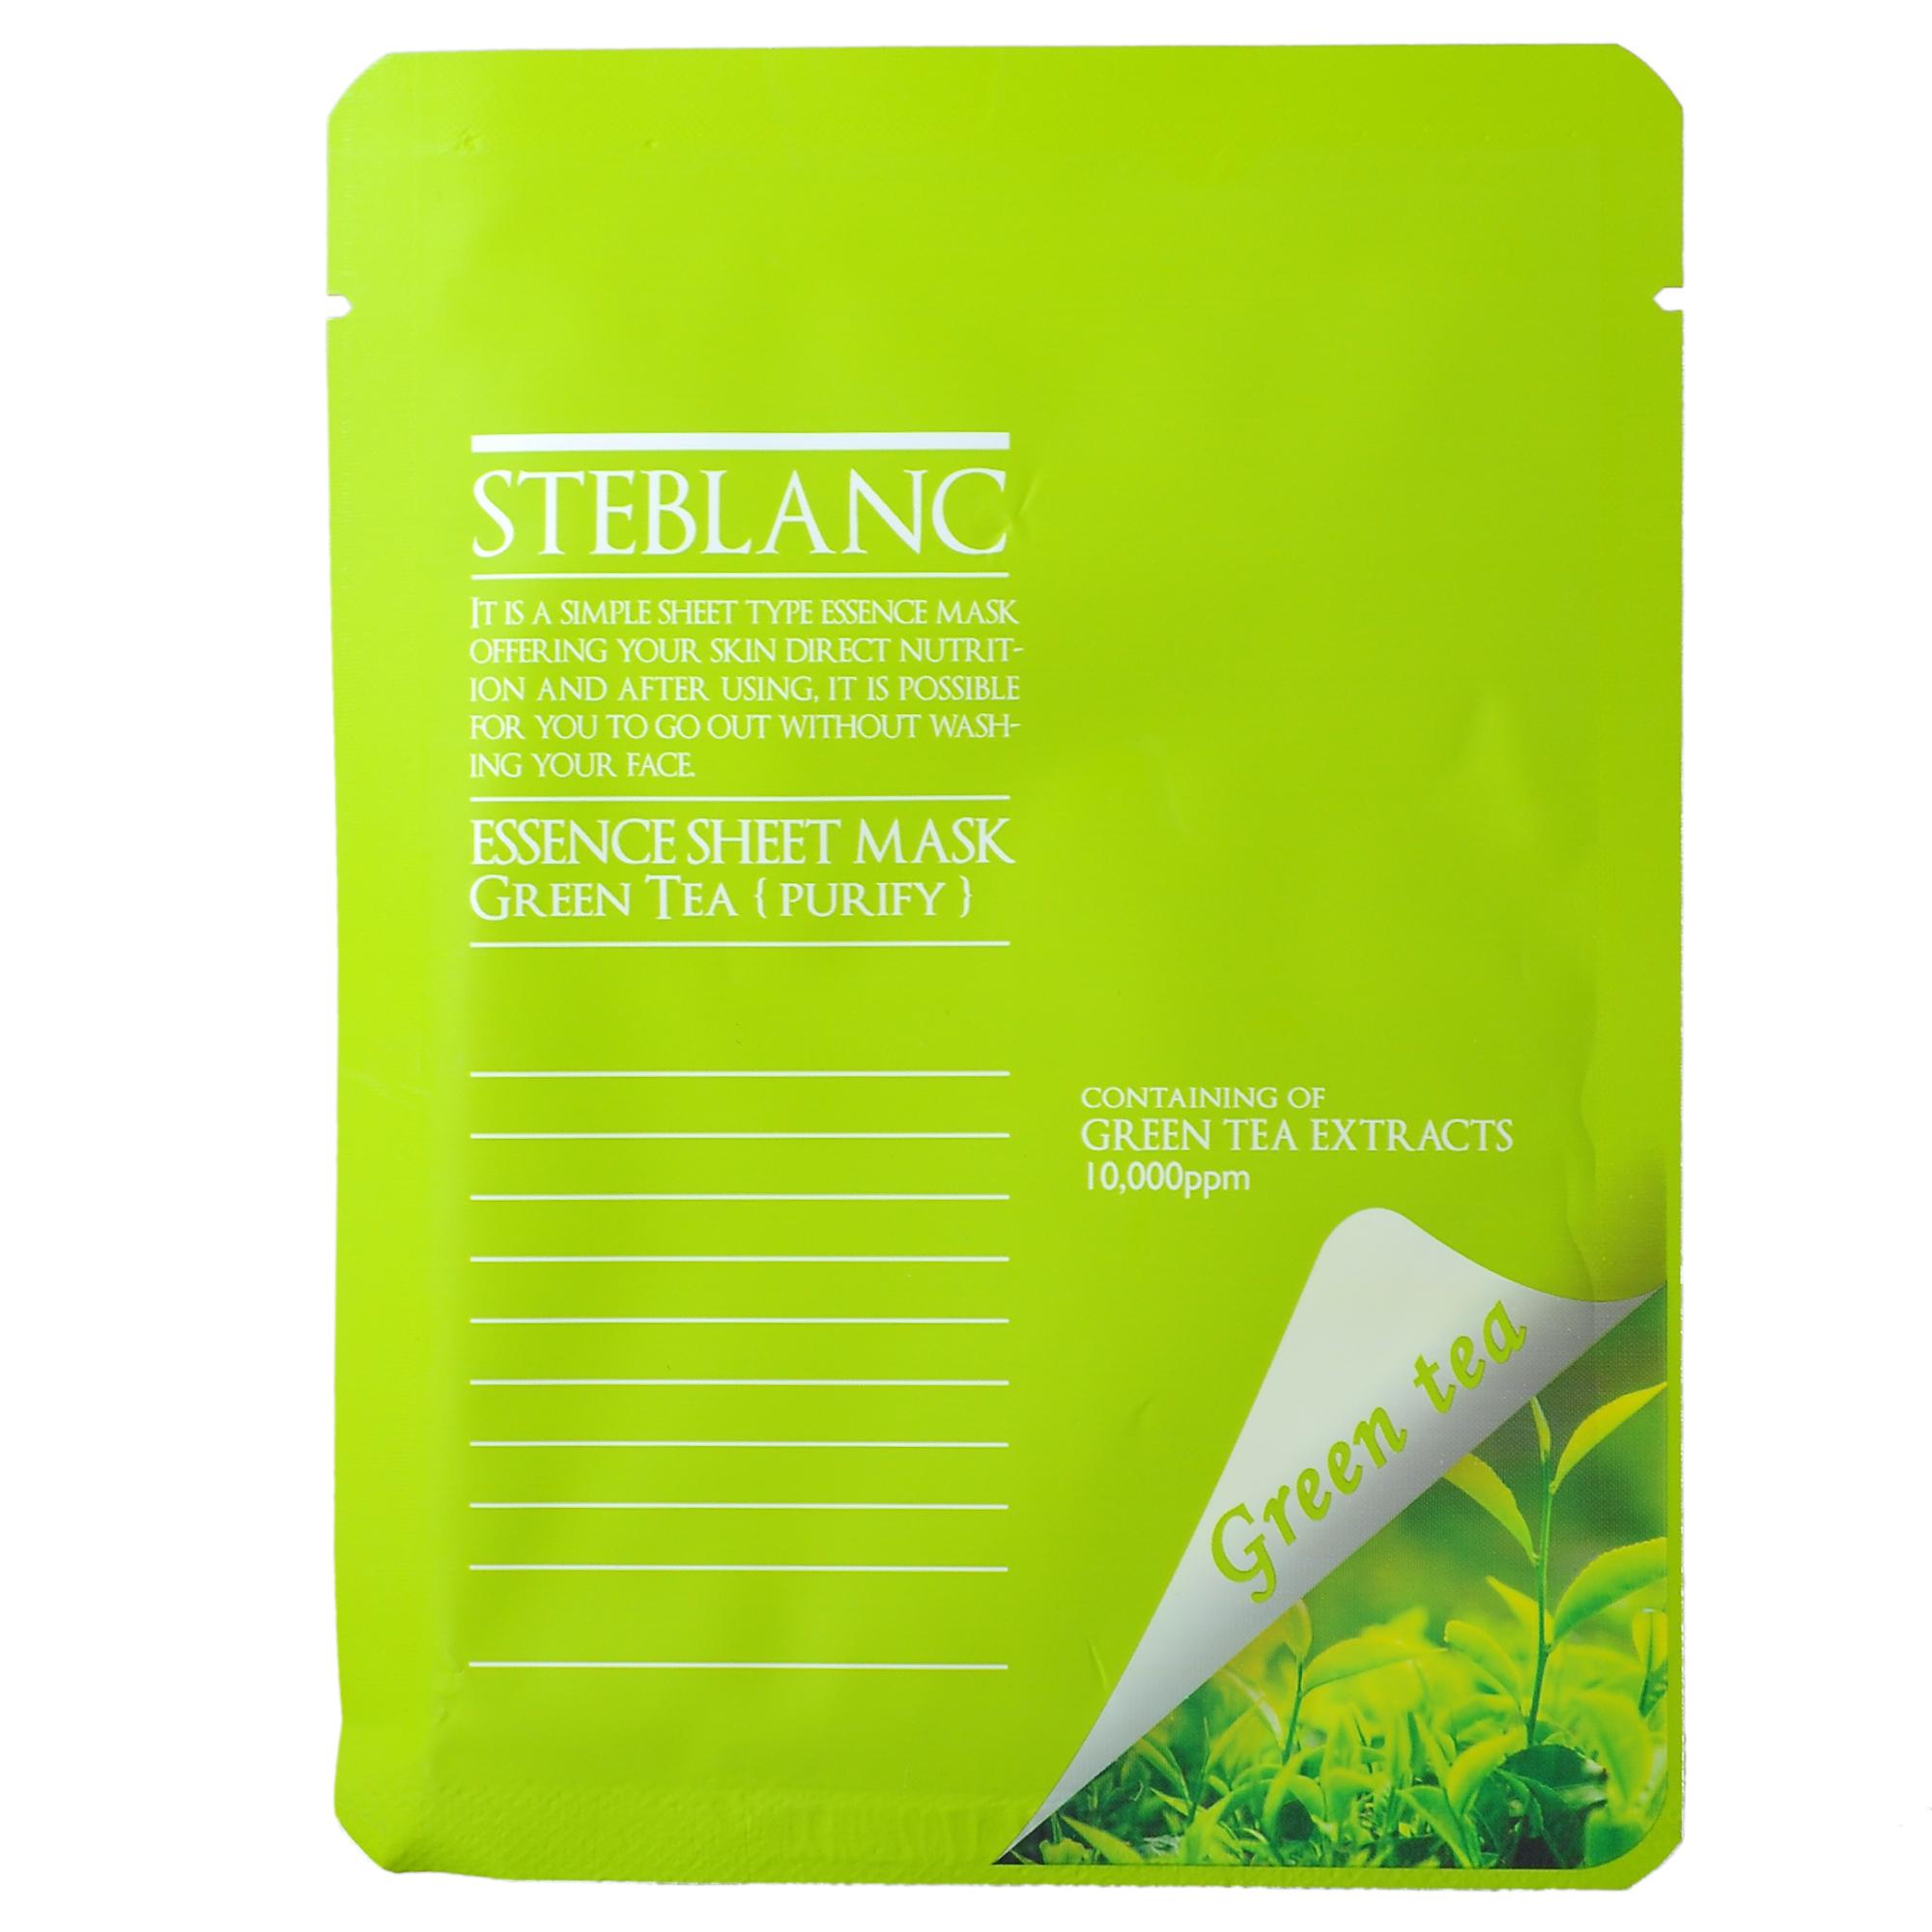 STEBLANC Маска очищающая с экстрактом зеленого чая для лица / ESSENCE SHEET MASK 20грМаски<br>Маска из высококачественного нетканного материала с активными компонентами. Экстракт зеленого чая помогает контролировать выработку кожного сала и успокаивает раздраженную кожу. Маска поддерживает кожу чистой и мягкой. Экстракт чайного дерева и центеллы помогает Вашей коже поддерживать необходимый баланс влаги и контролирует работу сальных желез. За счет высококачественного материала маска обладает высокой адгезией и плотно прилегает к лицу. Таким образом, кожа способна быстро впитывать активные компоненты. Вы сможете почувствовать разницу от других существующих продуктов уже после первого применения. Активные ингредиенты: экстракт зеленого чая, экстракт чайного дерева, экстракт центеллы, пантенол, экстракт портулака, сок листьев алоэ вера, экстракт розмарина, гидролизованный коллаген, гиалуронат натрия . Способ применения: снимите макияж и умойте лицо. На очищенную кожу плотно нанесите маску. Расслабьтесь на 10-20 минут, промокните кончиками пальцев маску на лице, затем удалите.<br>